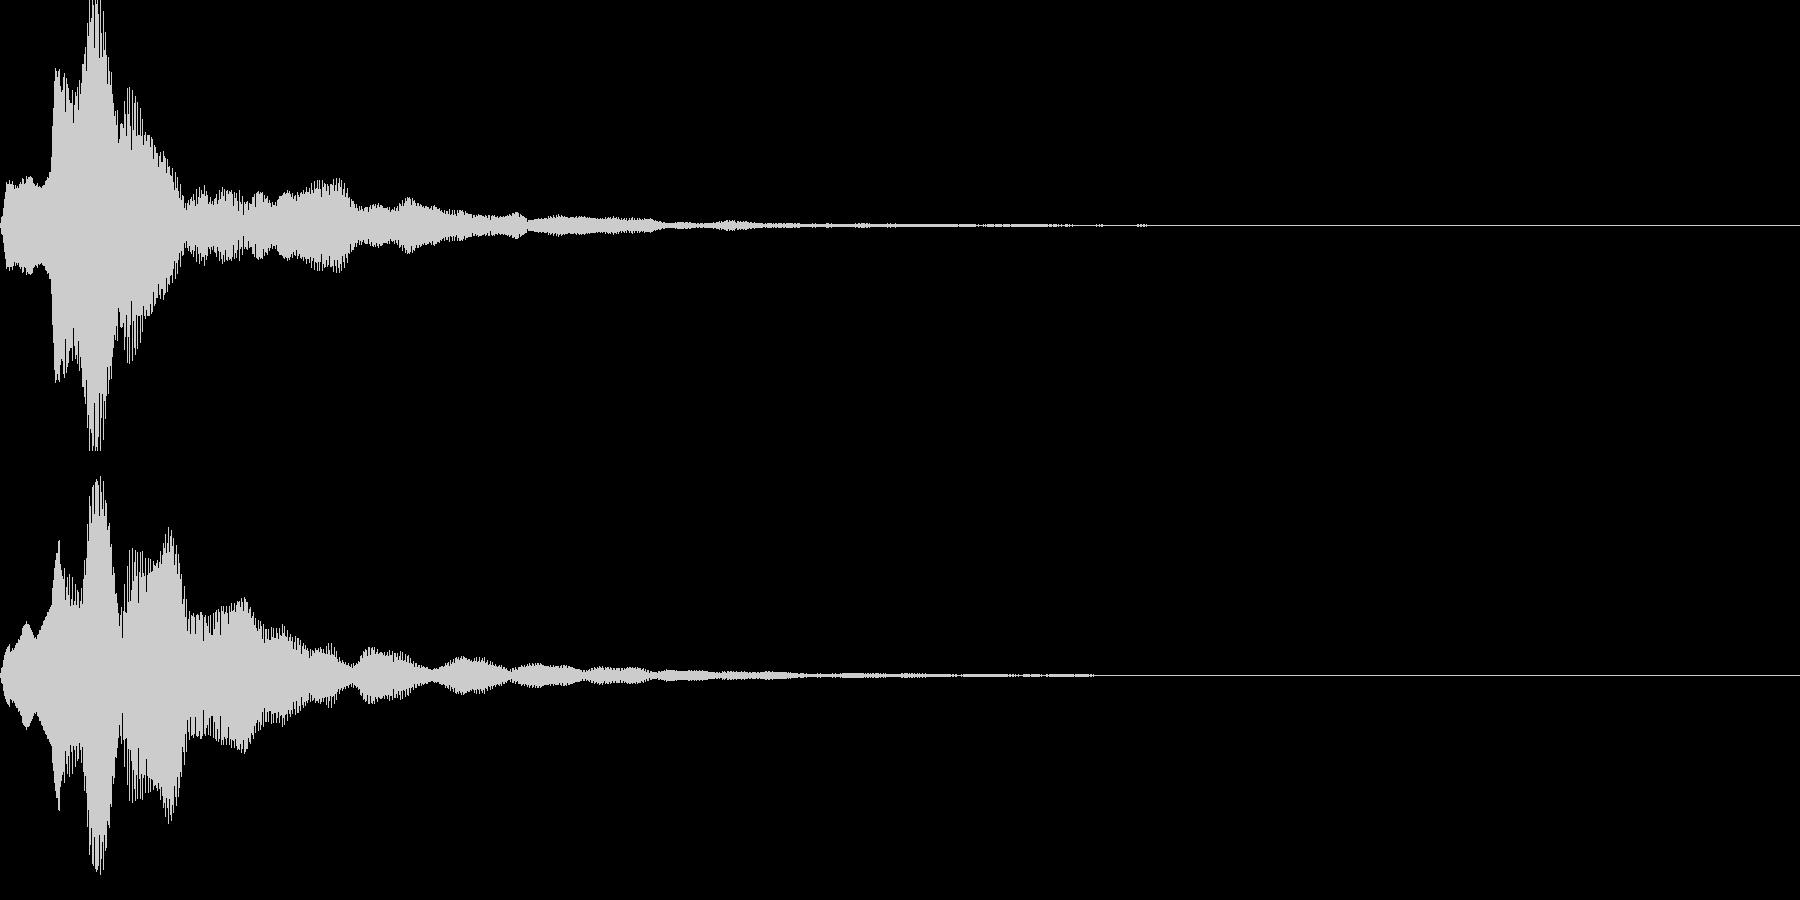 キャンセル音04の未再生の波形